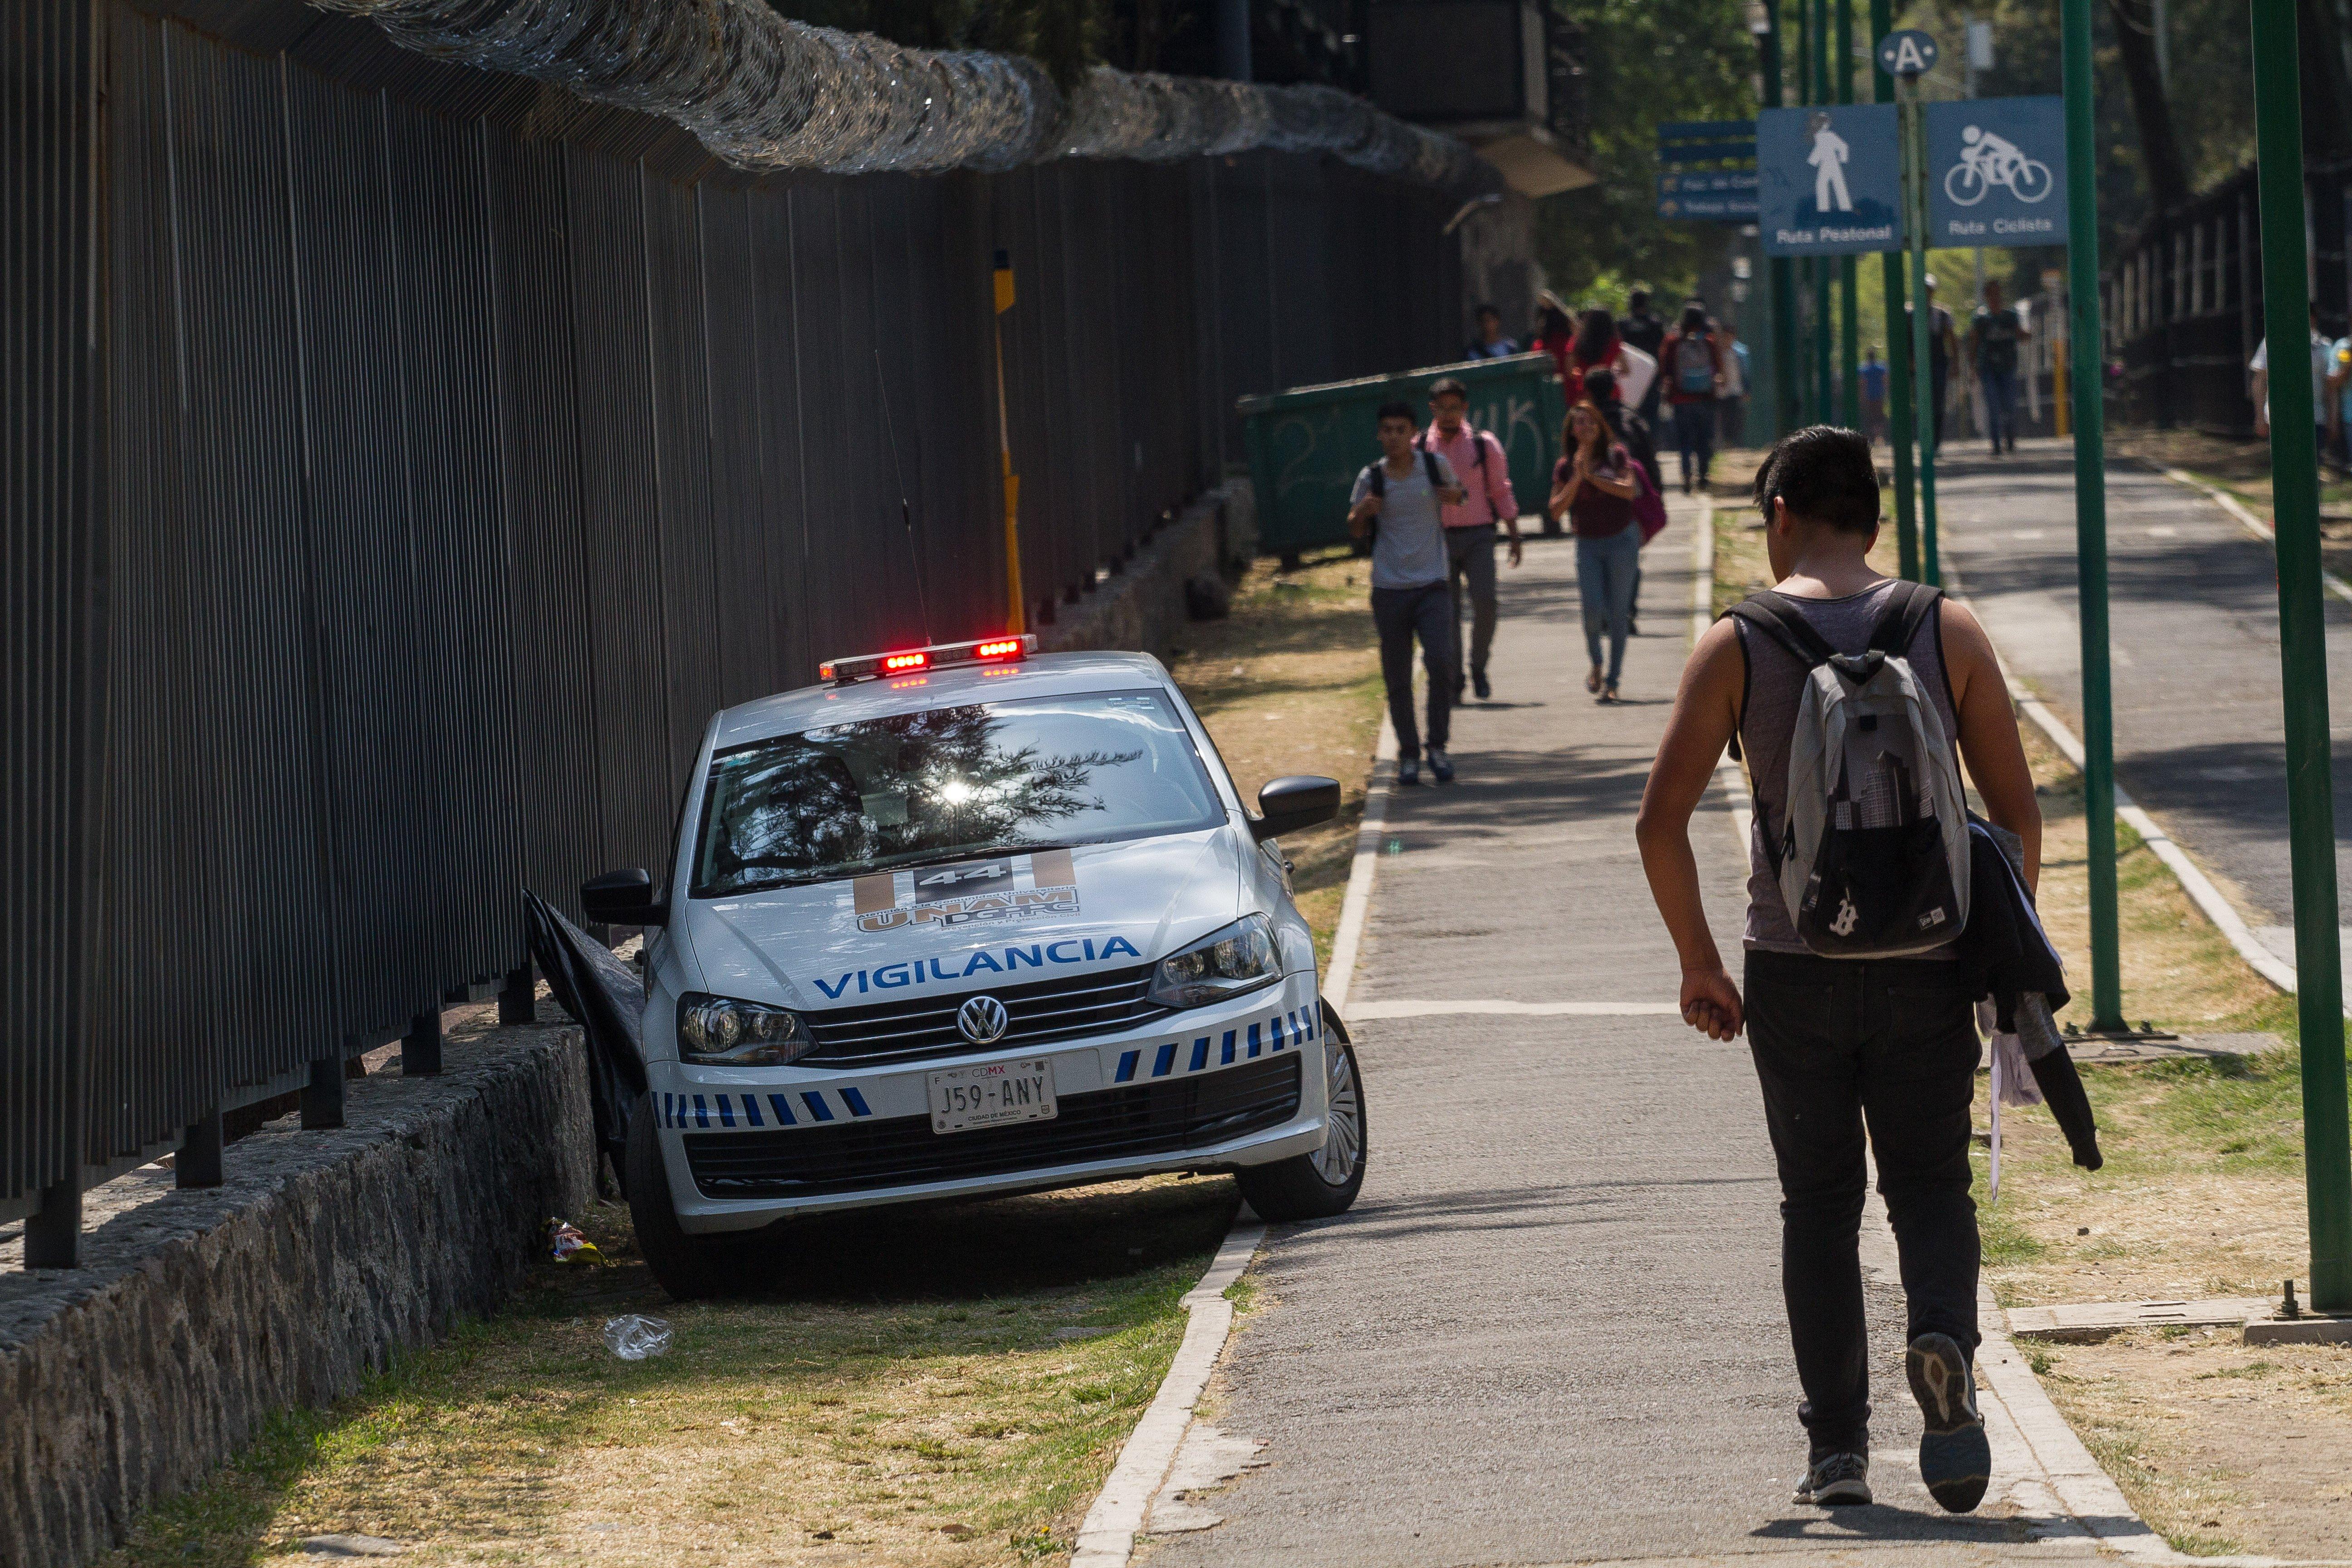 Unidad e de vigilancia UNAM continúan con sus recorridos por el campus de Ciudad Universitaria, en especial en la zona del Frontón, en donde la semana pasada asesinaron a dos personas, por supuestos vínculos con el narcotráfico